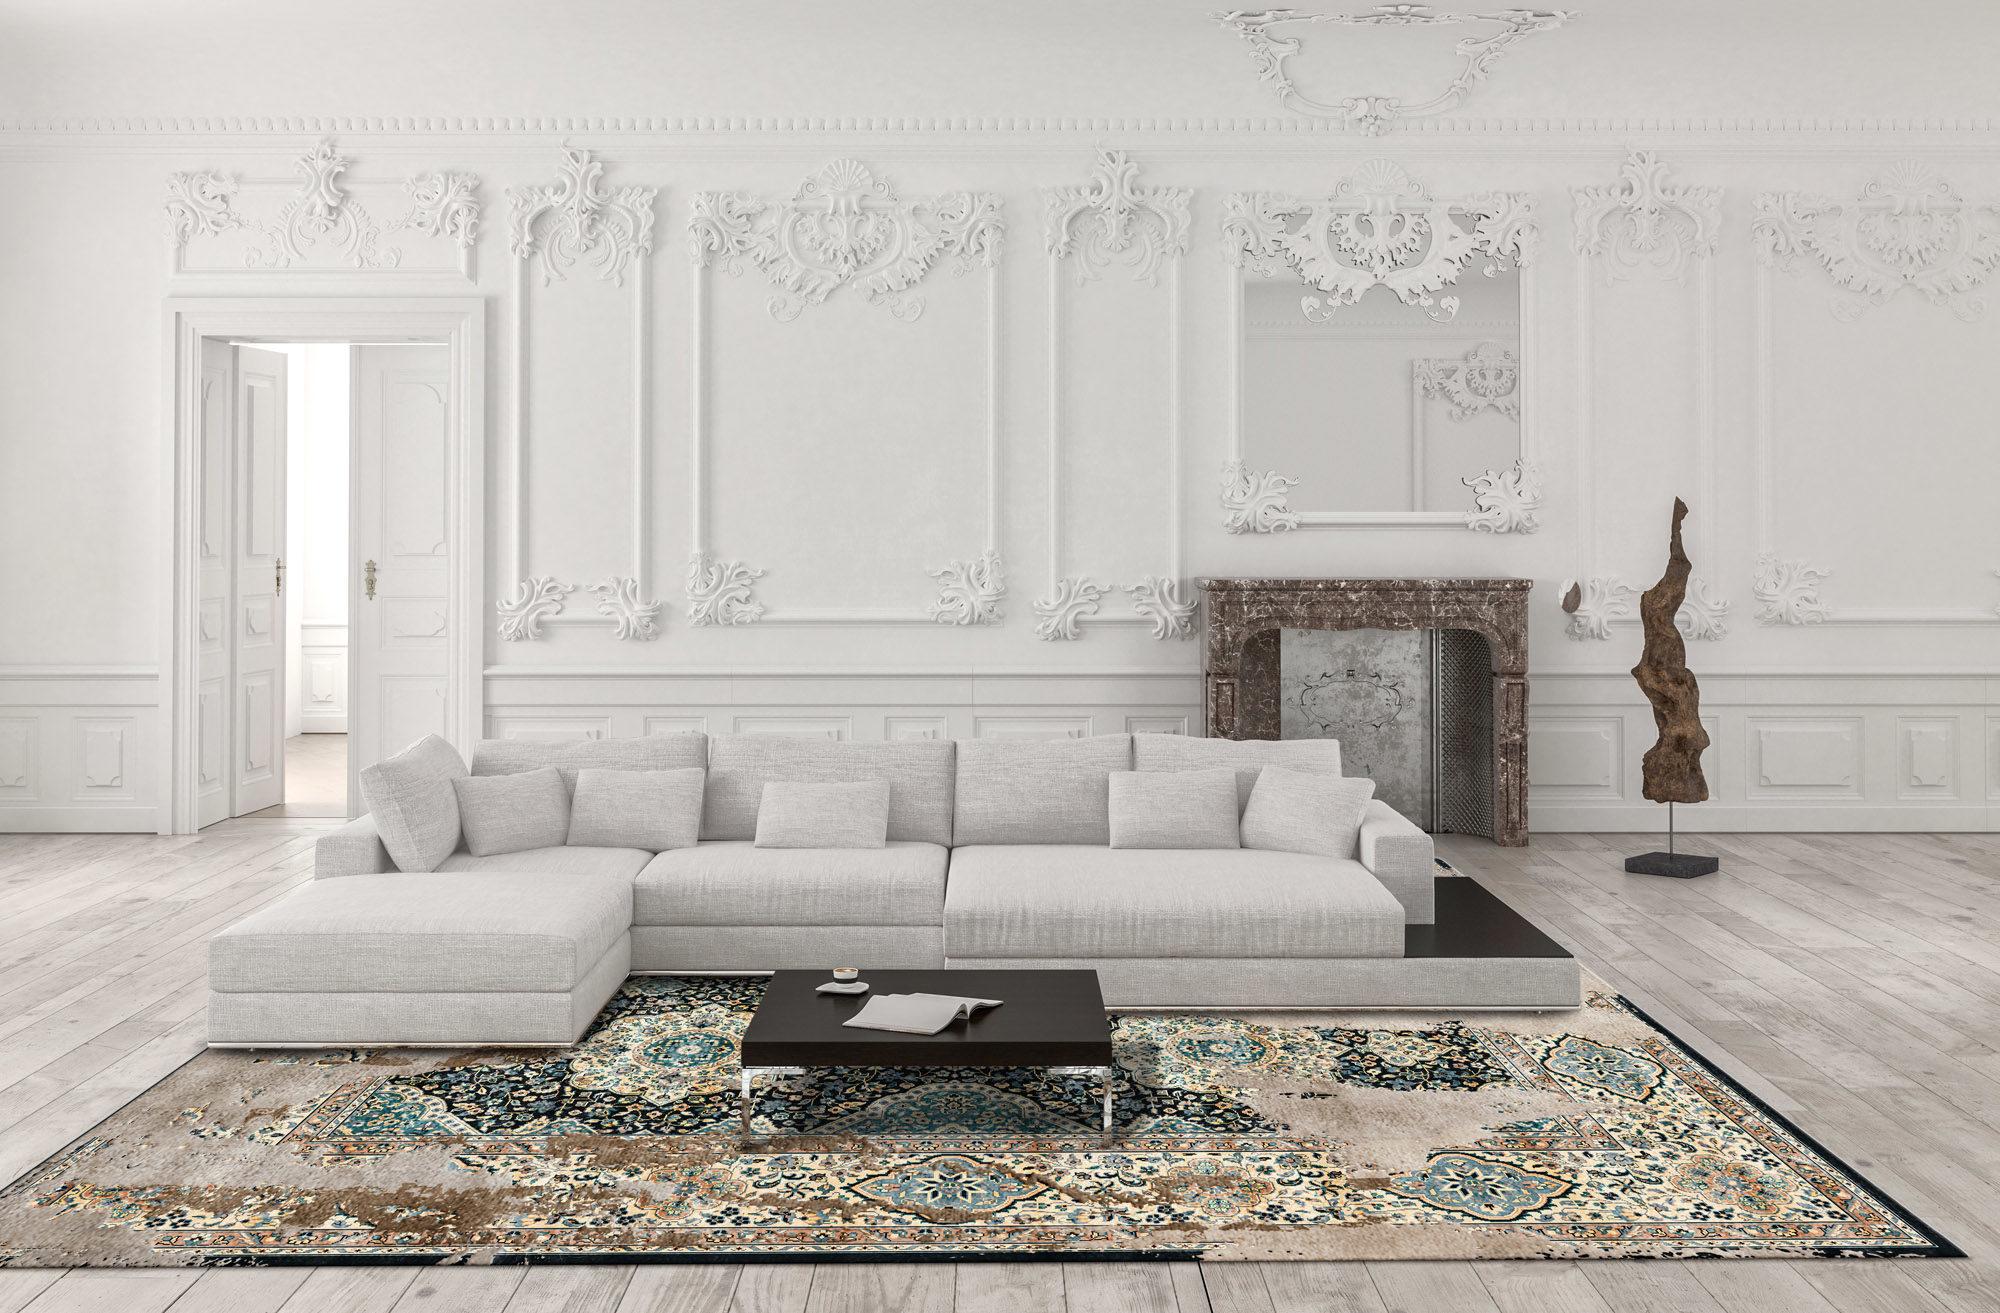 Interno di una stanza con tappeto persiano Artep